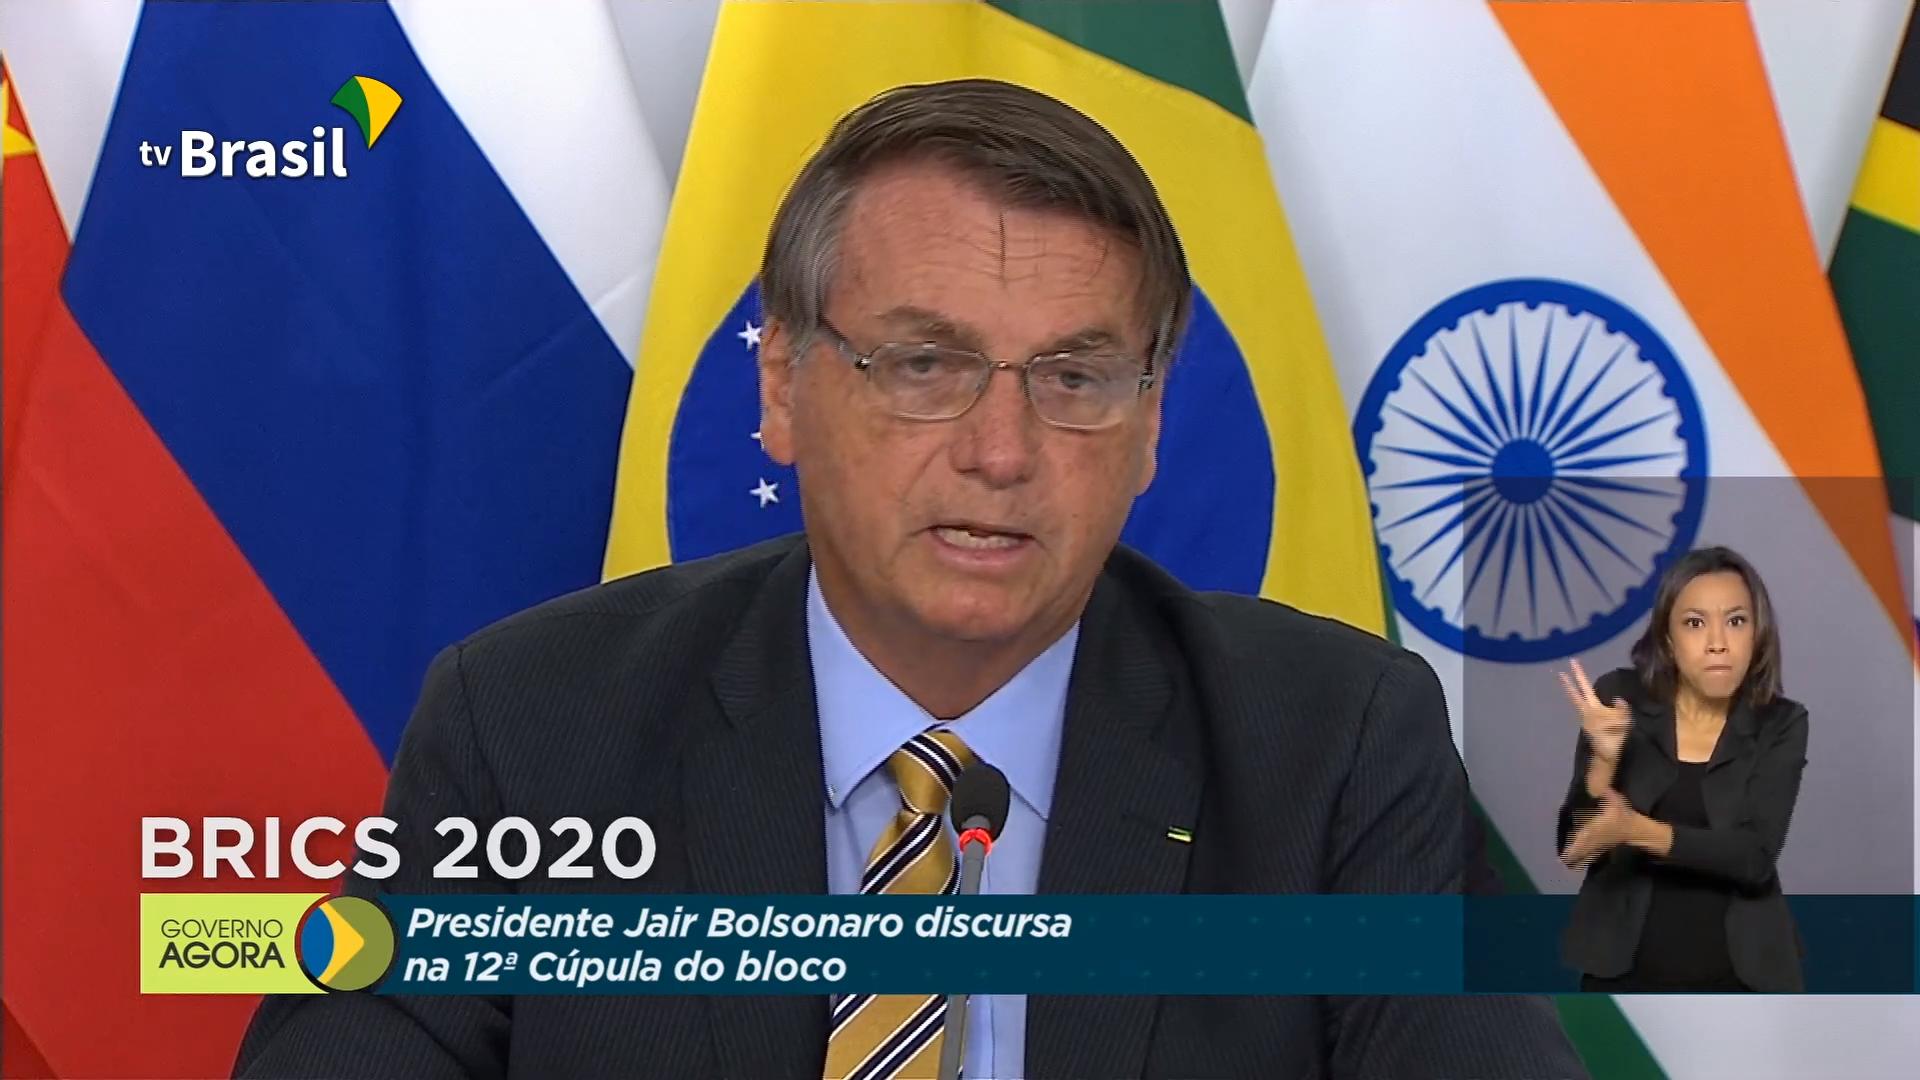 IMAGEM: Bolsonaro diz que vai divulgar lista de países que importam madeira ilegal da Amazônia